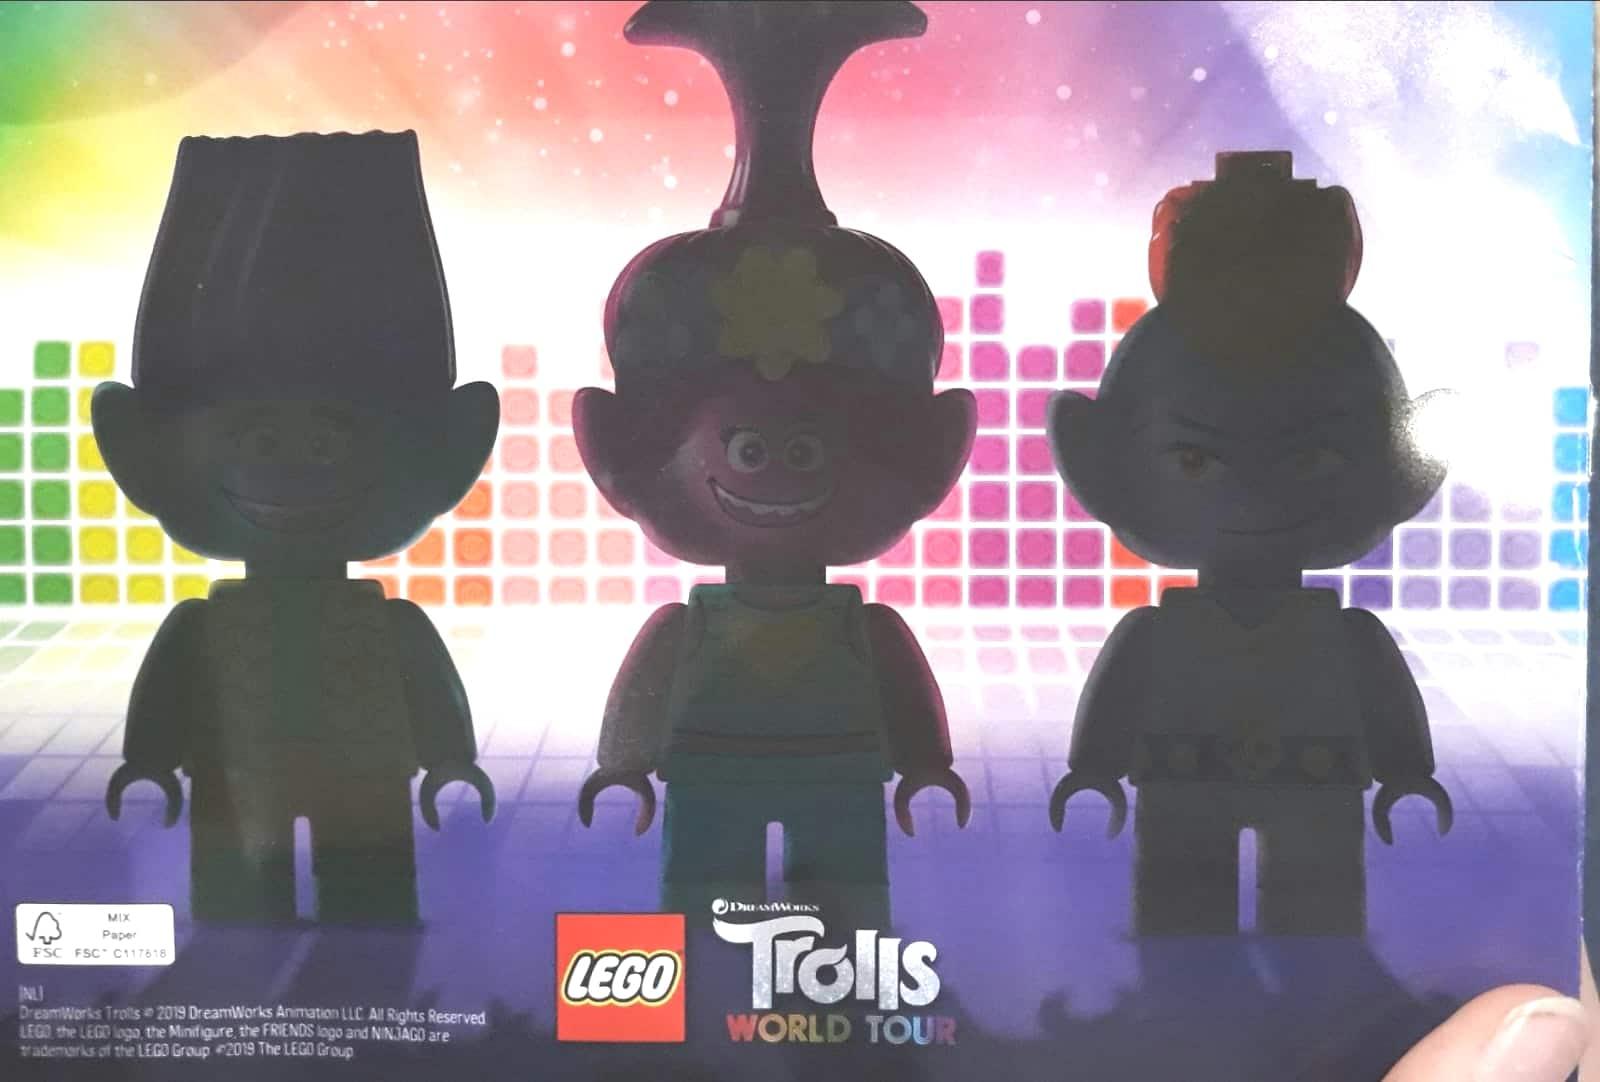 LEGO Trolls 2020 Teaser